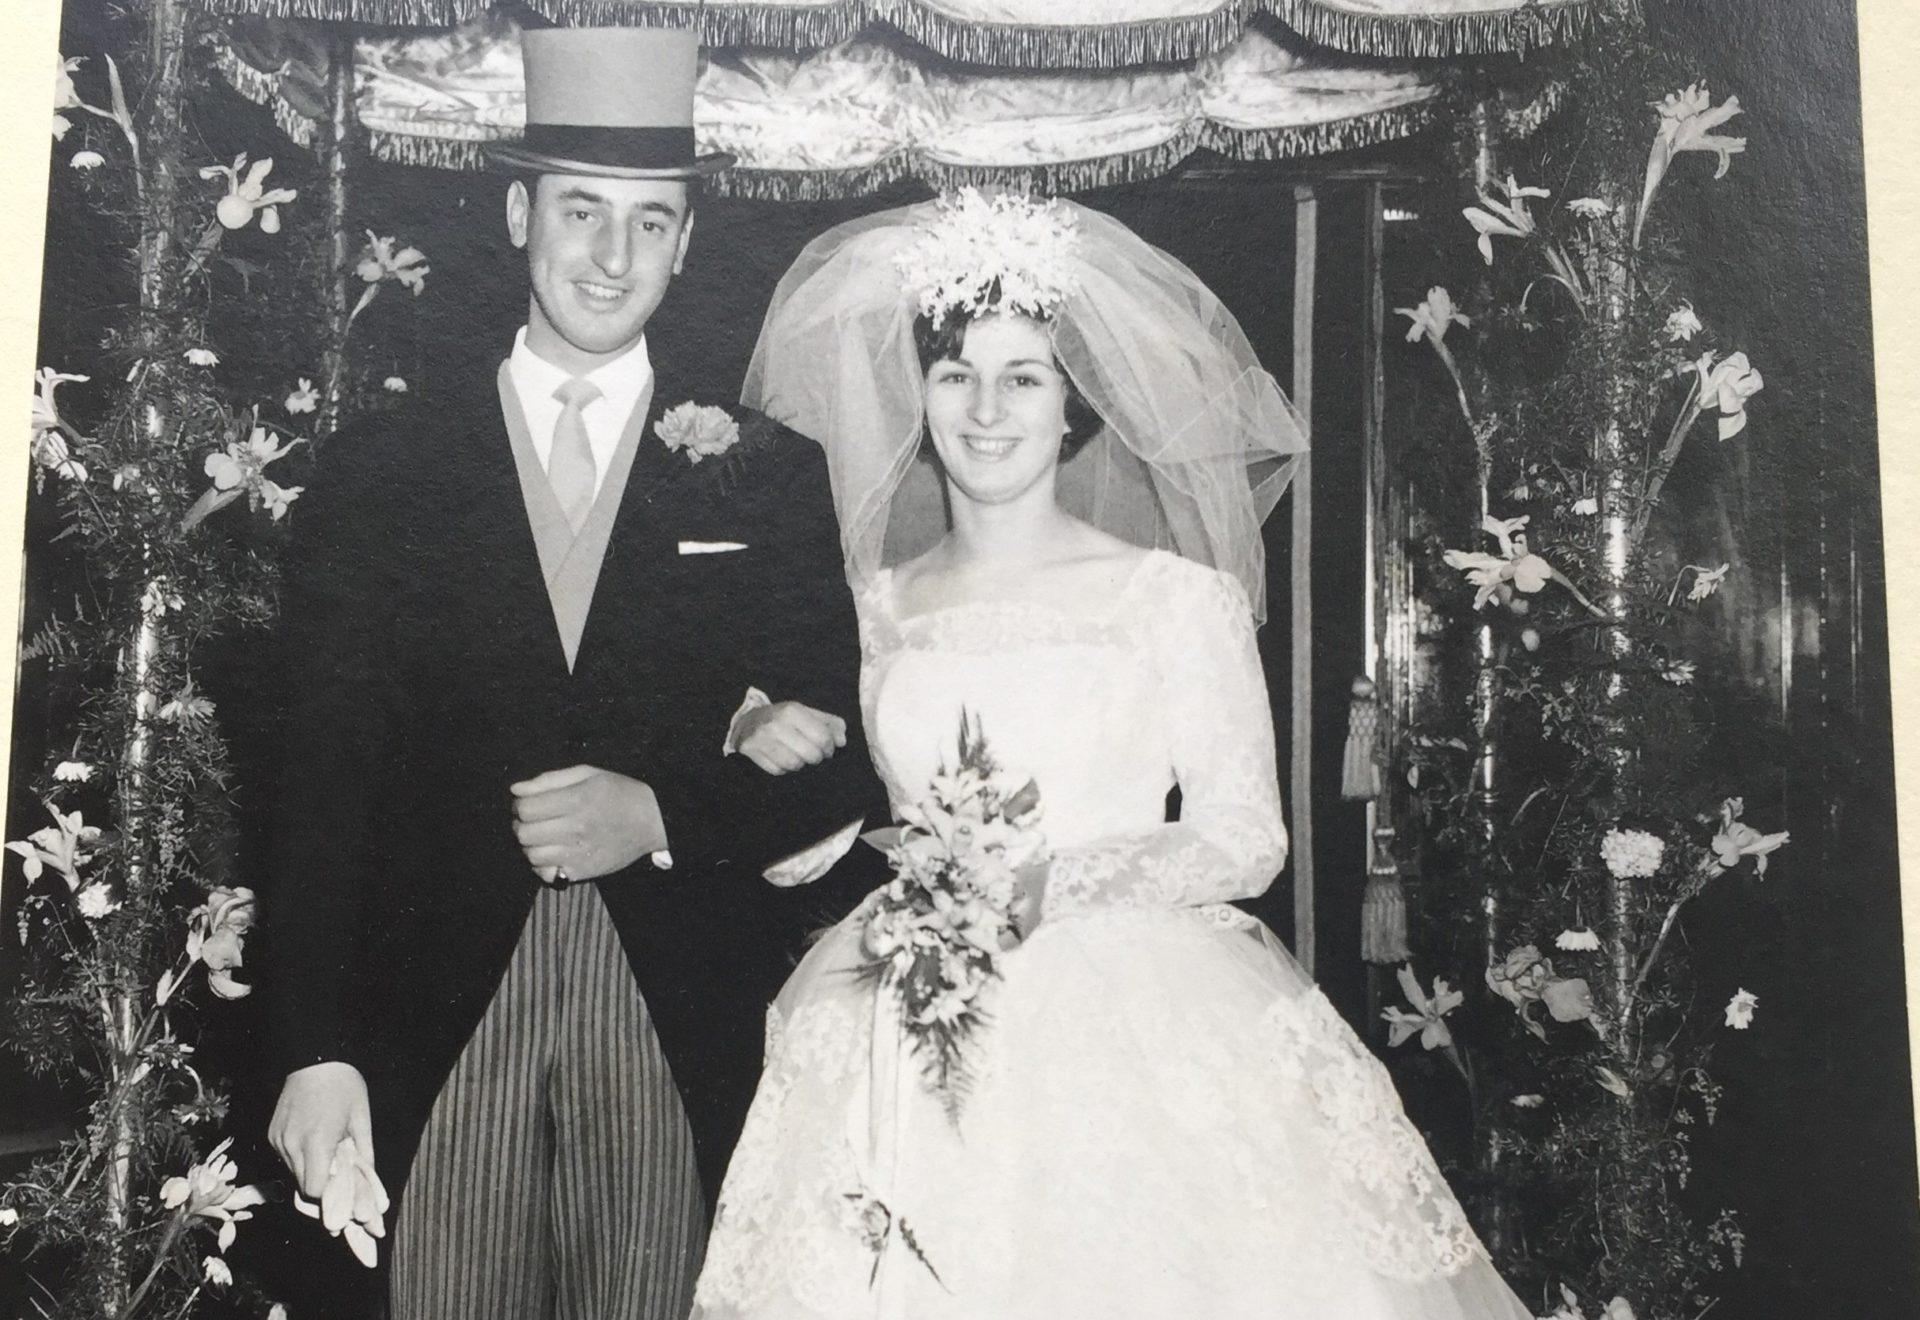 Rodney & Sonya Vinn, grandparents of Chloe Adlestone, fourth generation Beaverbrooks family member